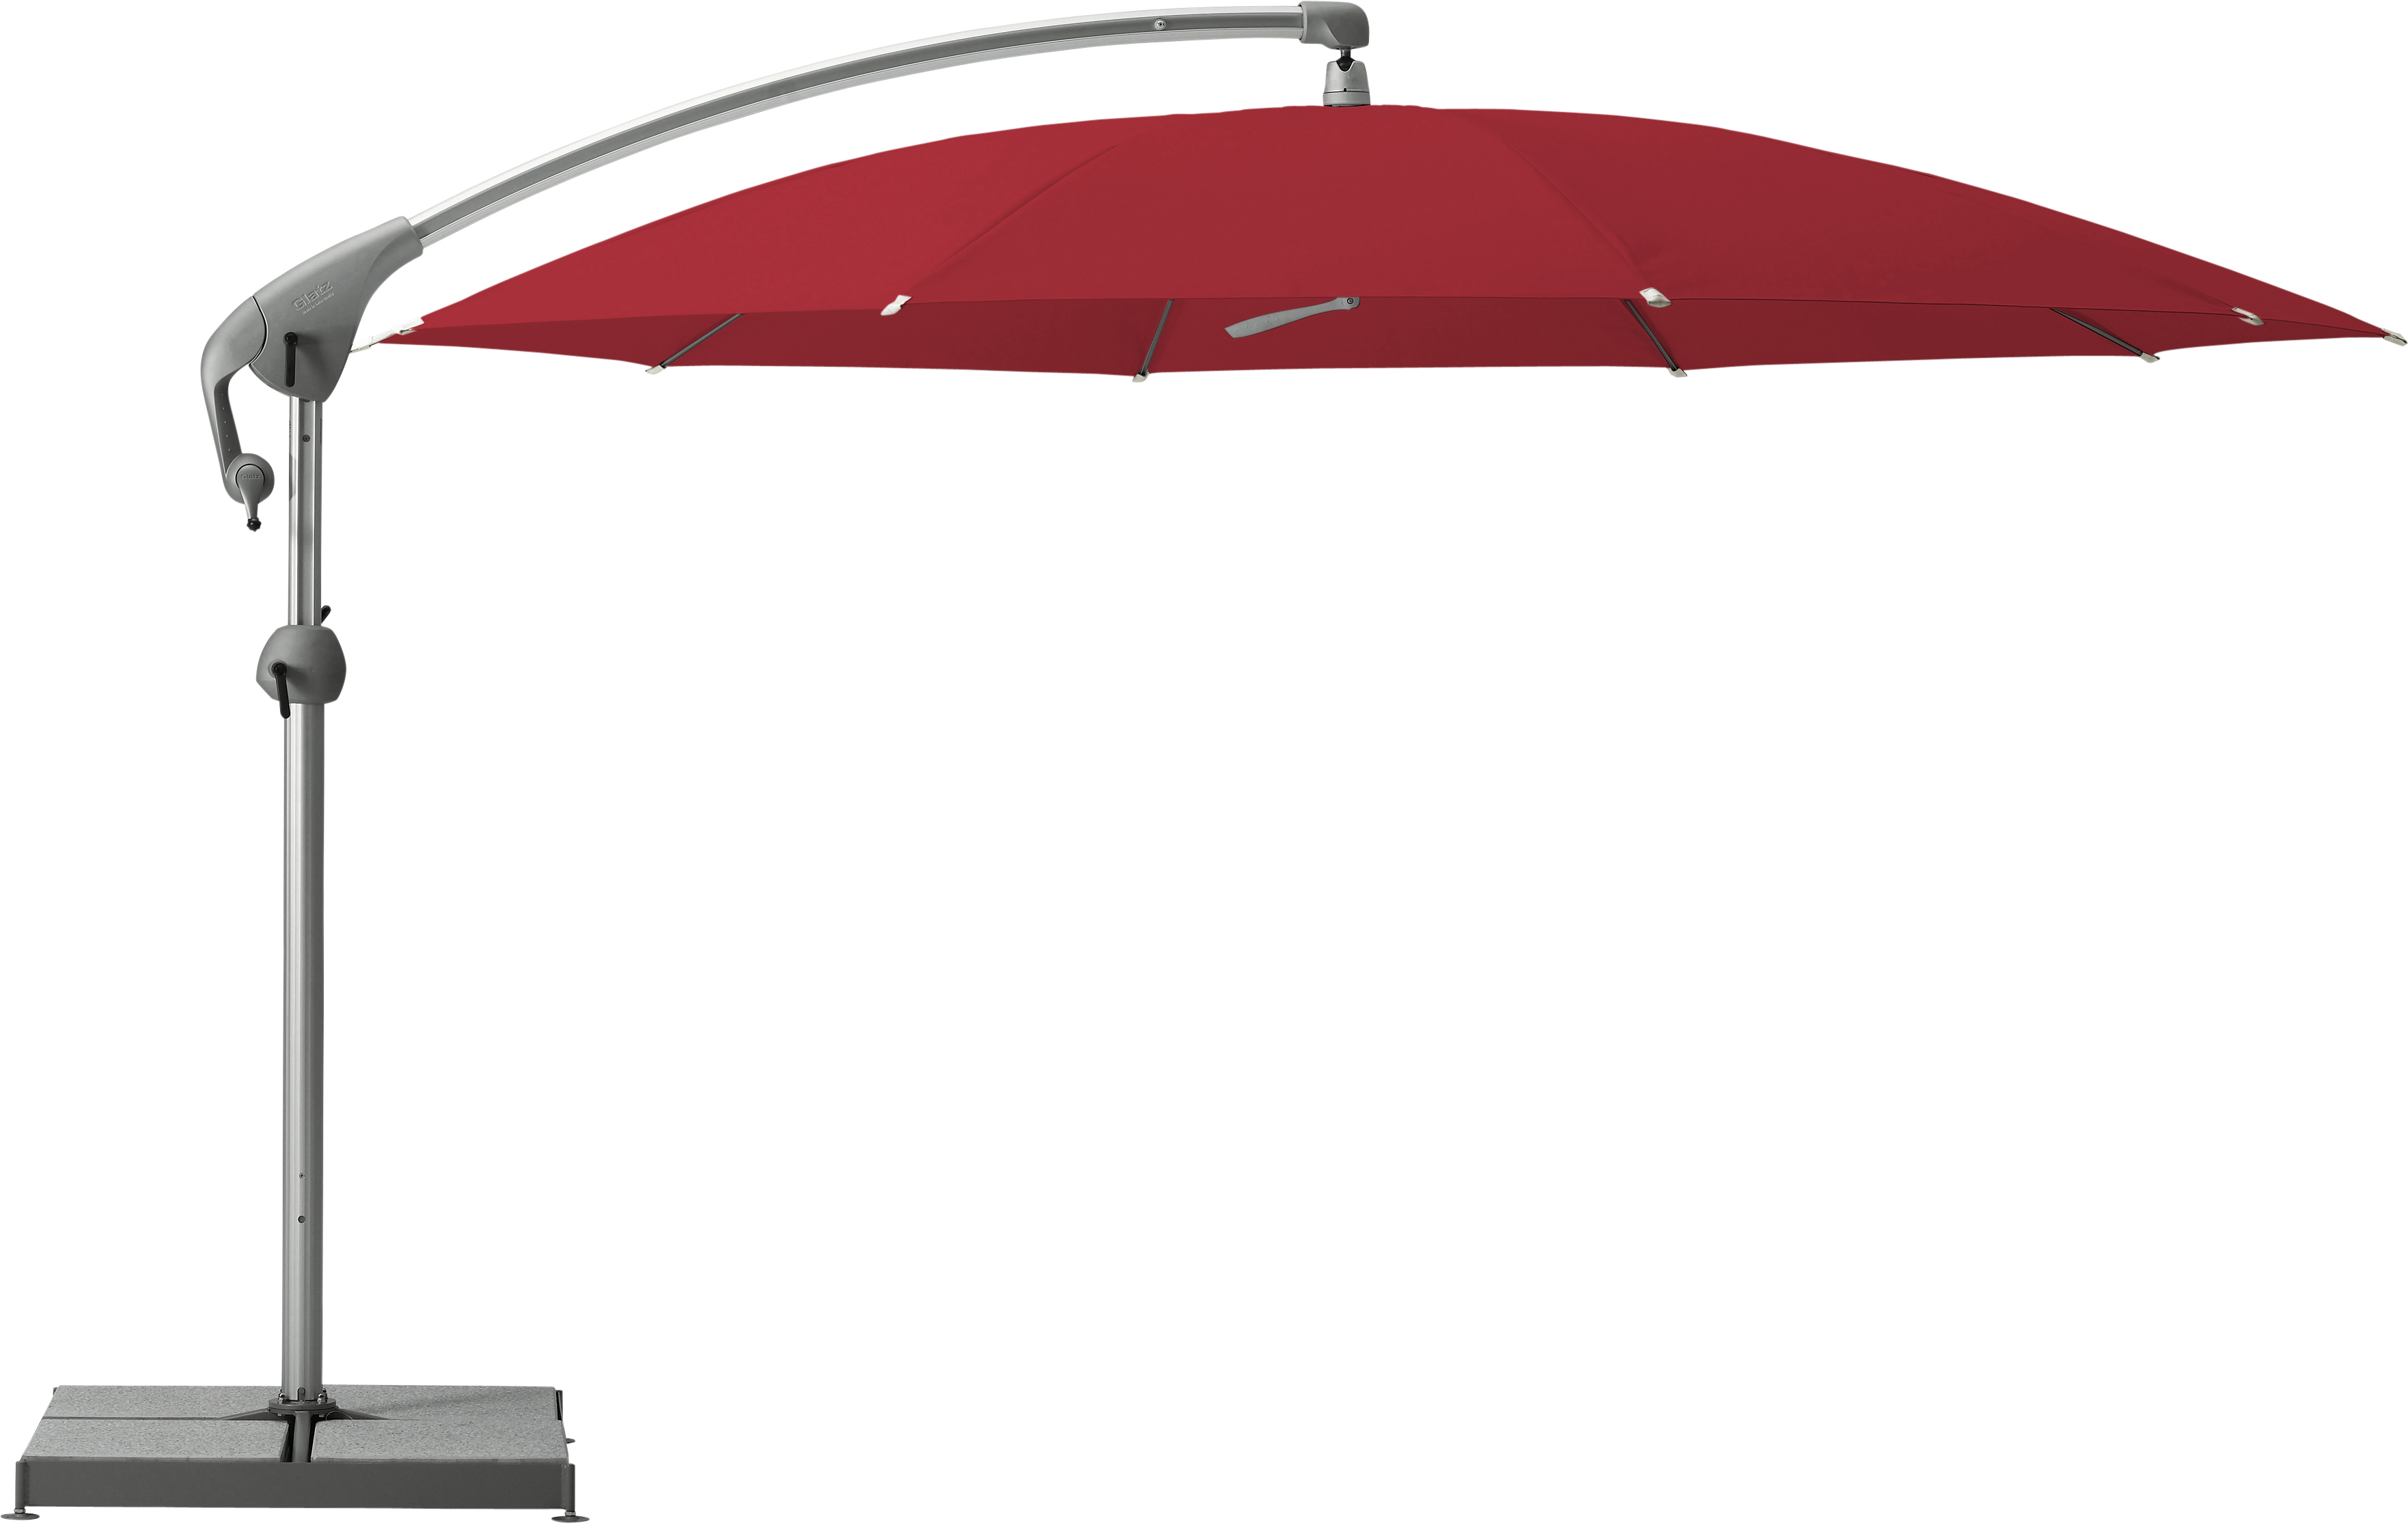 Pendalex P+ Freiarmschirm, rund, Ø 350 cm